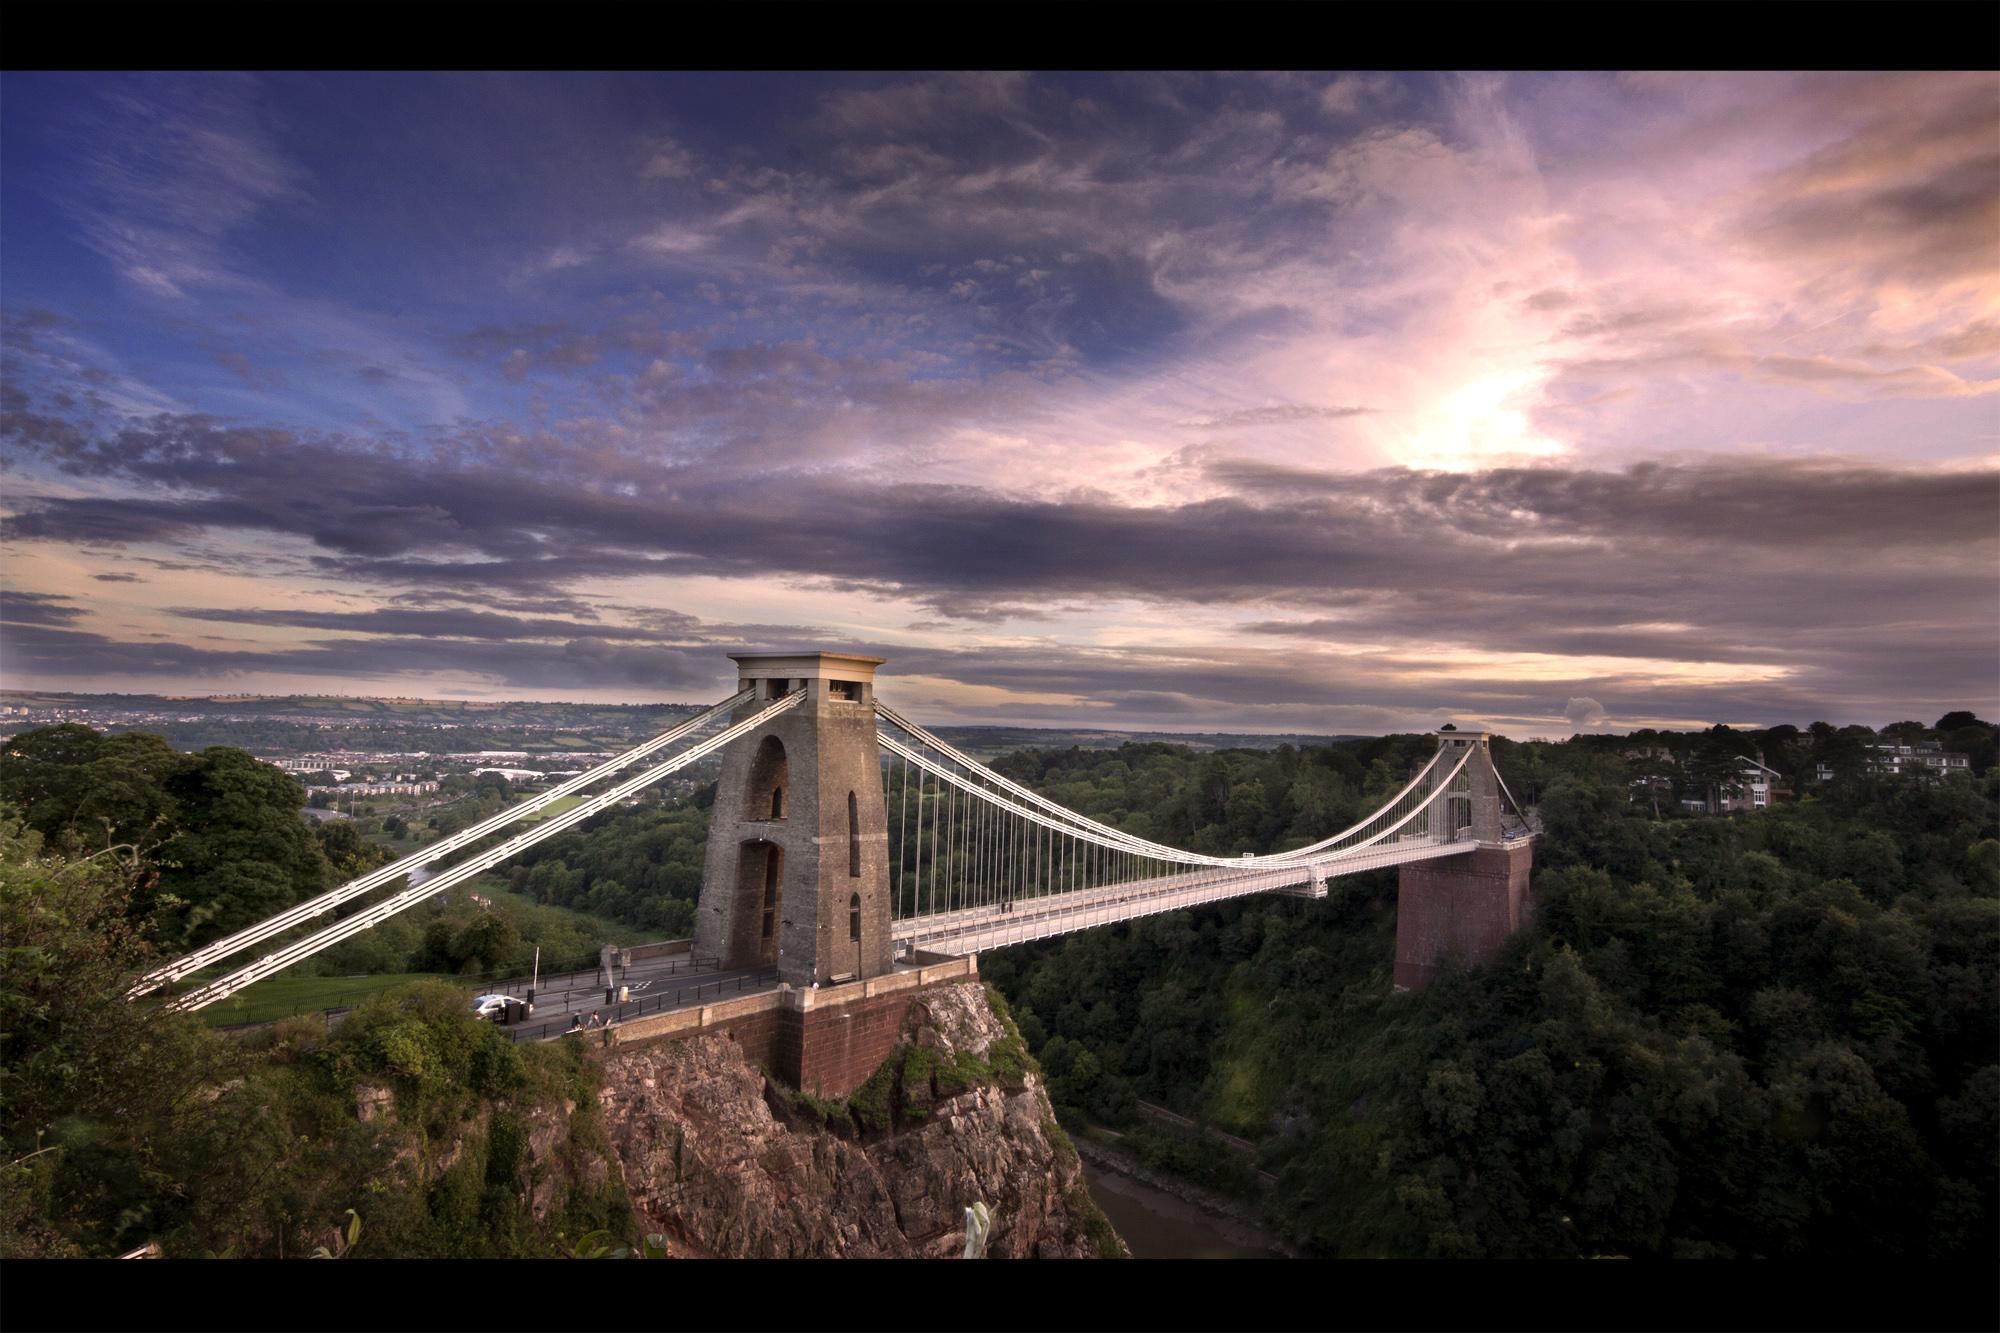 Aprender inglés en Bristol y descubrir la belleza del puente colgante de Clifton